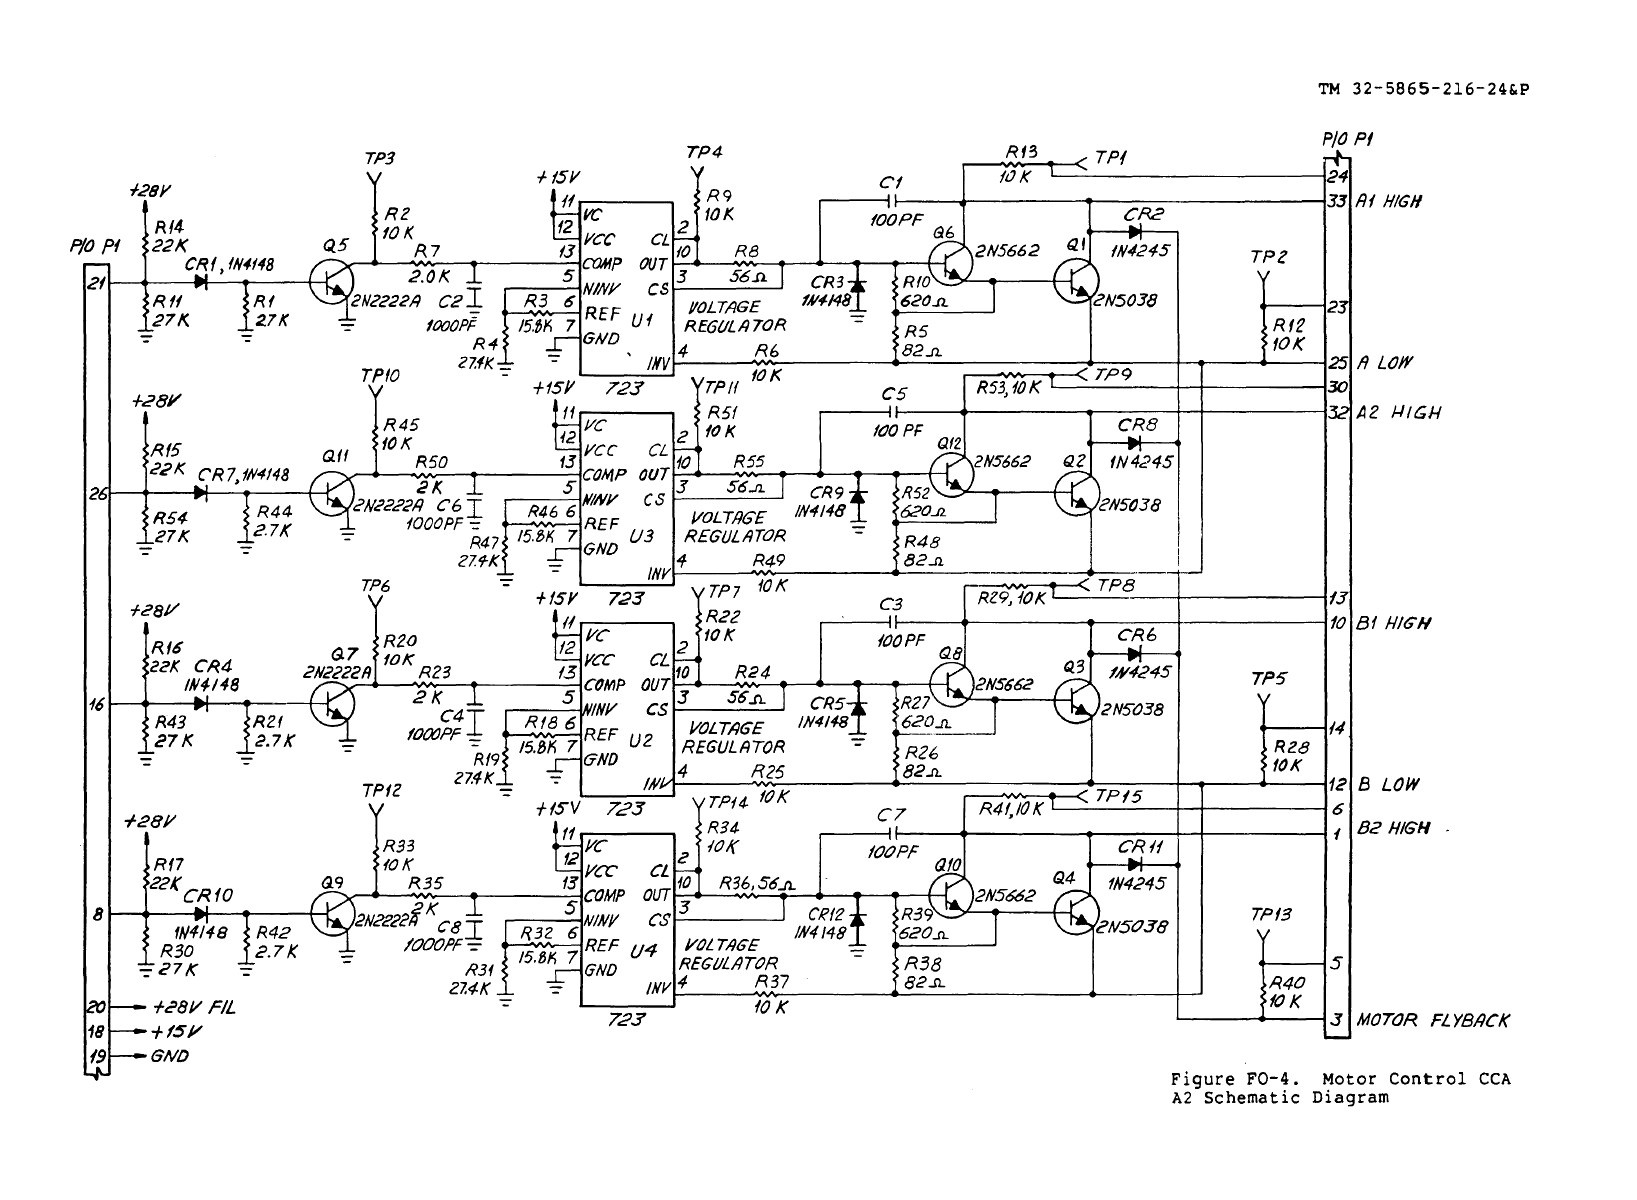 Wiring Schematic For Bridgeport - ge radio schematic wiring ... on